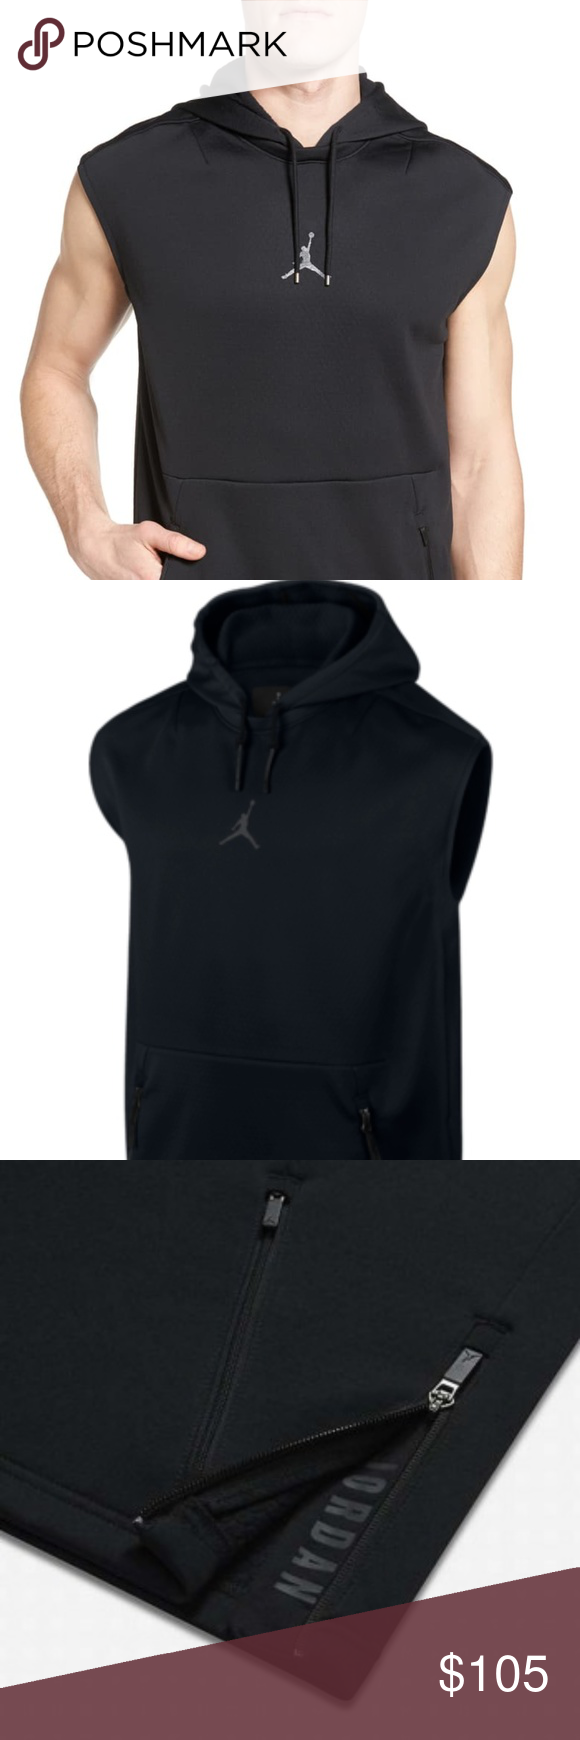 Nike Air Jordan 360 Therma Sphere Training Hoodie *NEW Nike